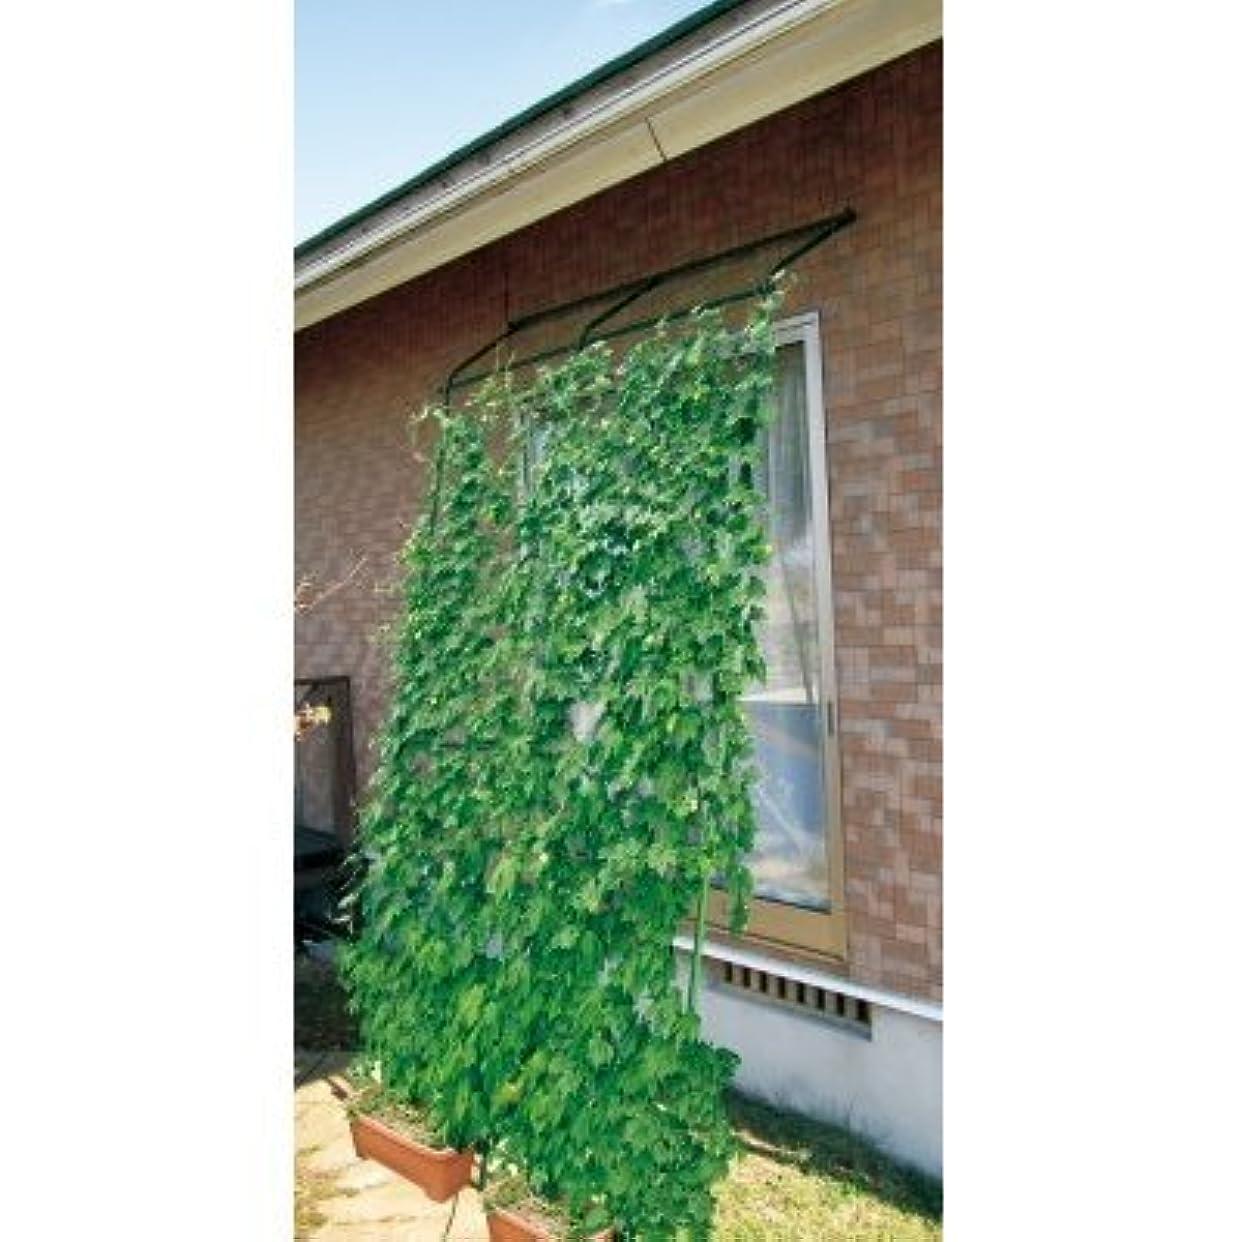 収穫個性肩をすくめる【転倒防止パーツ付 】DAIM 緑のカーテン アーチ型 2本セット 伸縮立掛けタイプ 180cm幅×高さ190~340cm(直立時)